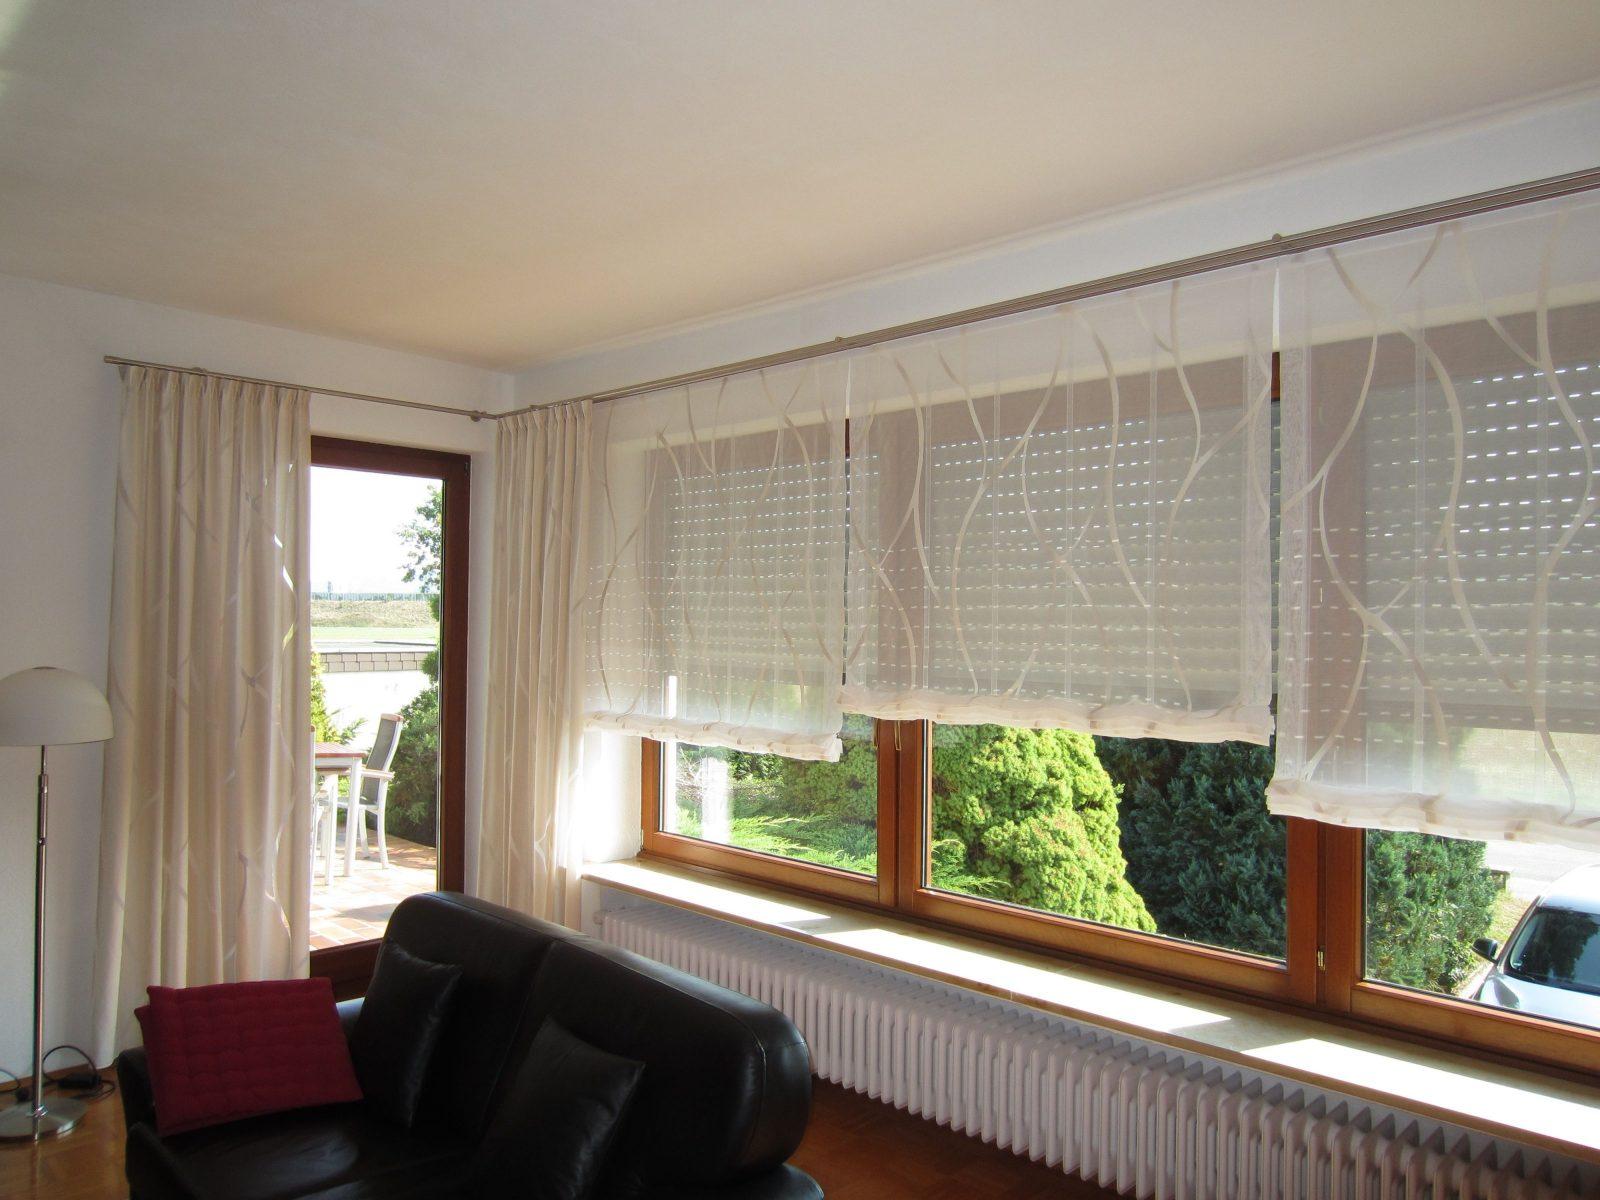 Gardinen  Vorhänge Für Die Kreise Lichtenfels Kulmbach Kronach In von Gardinen Wohnzimmer Schöner Wohnen Bild